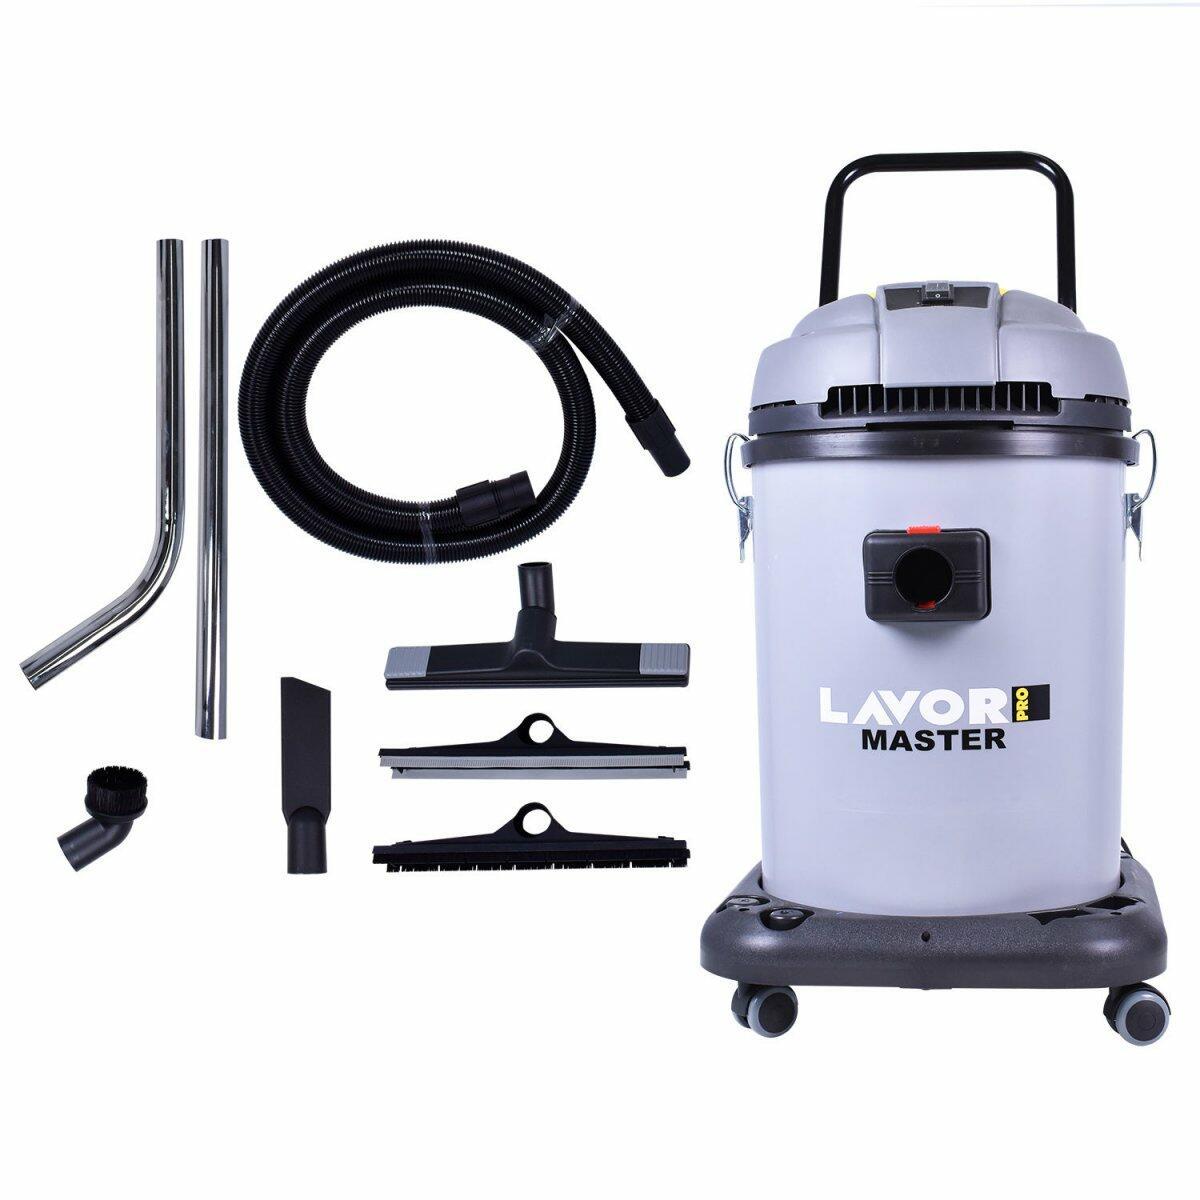 Aspirador de Pó 1400W 50L Master 1.50 Plast Lavor – 220 V